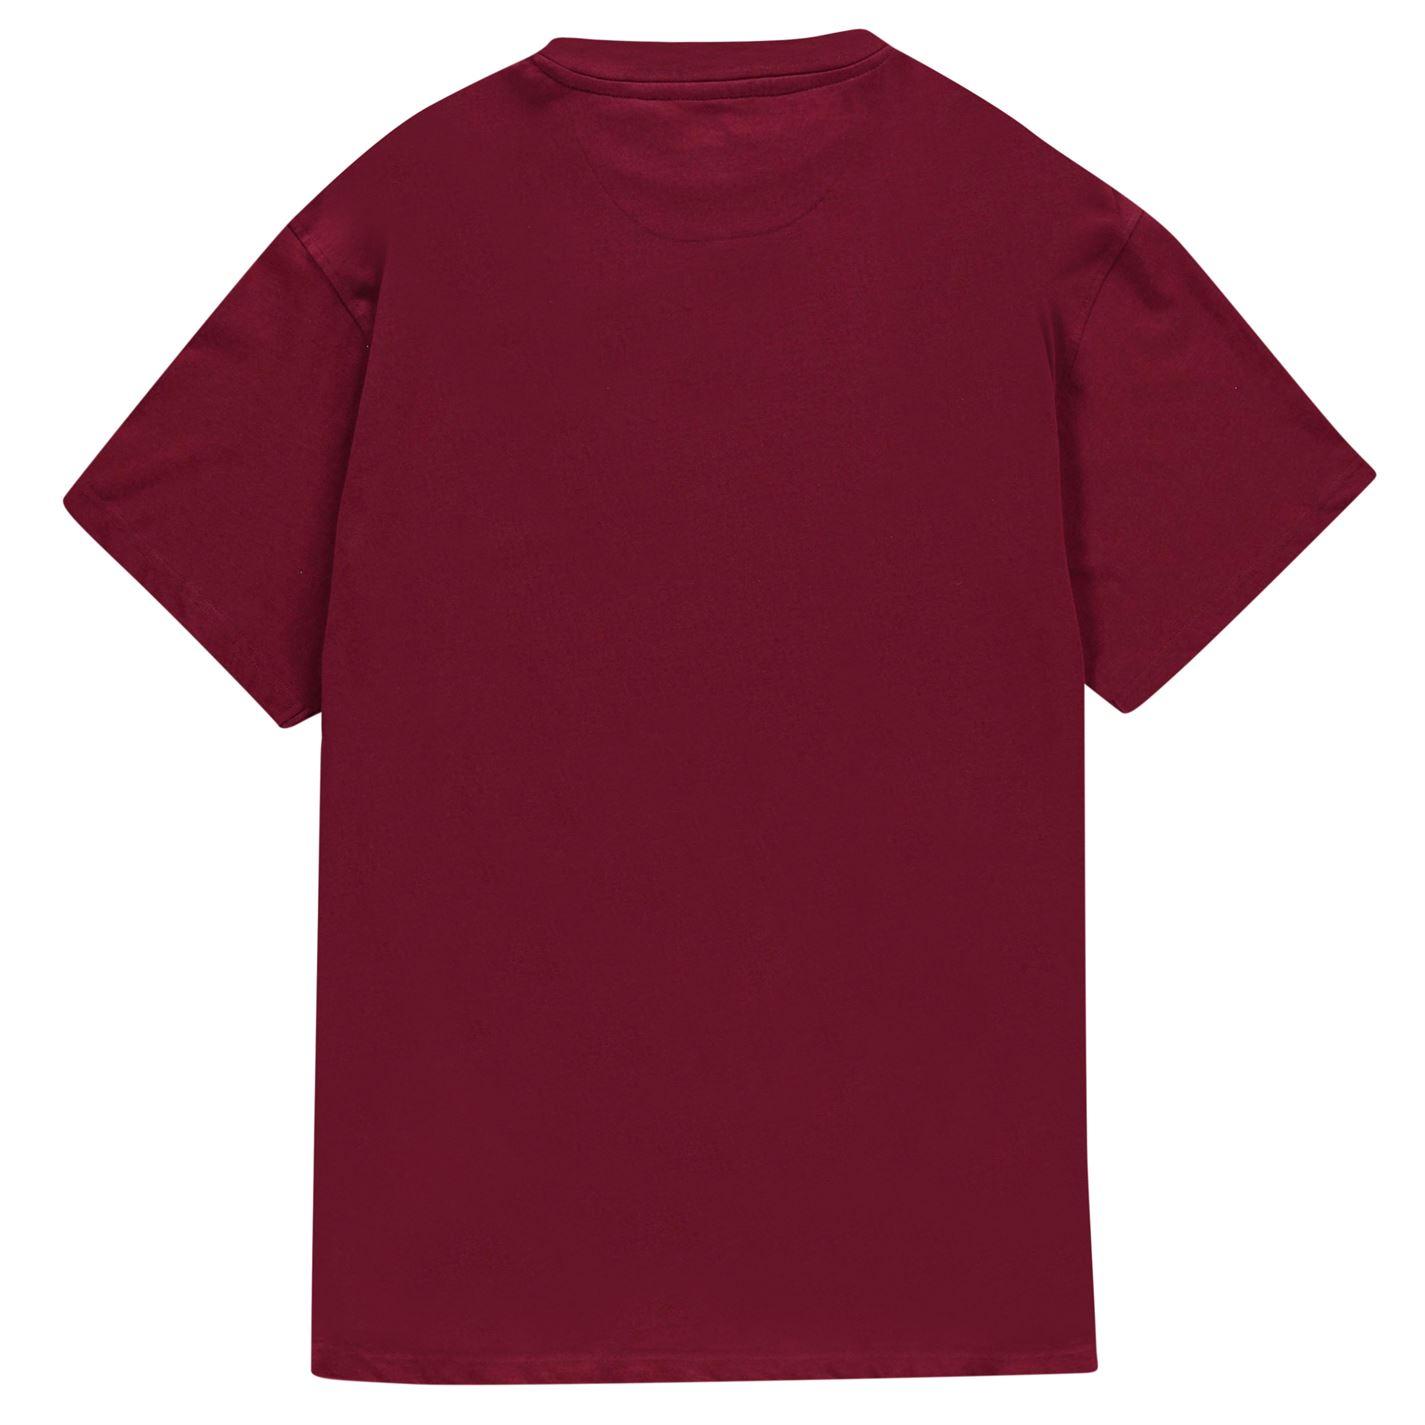 Pierre-Cardin-Uomo-C-XL-CREW-TEE-Collo-Camicia miniatura 12